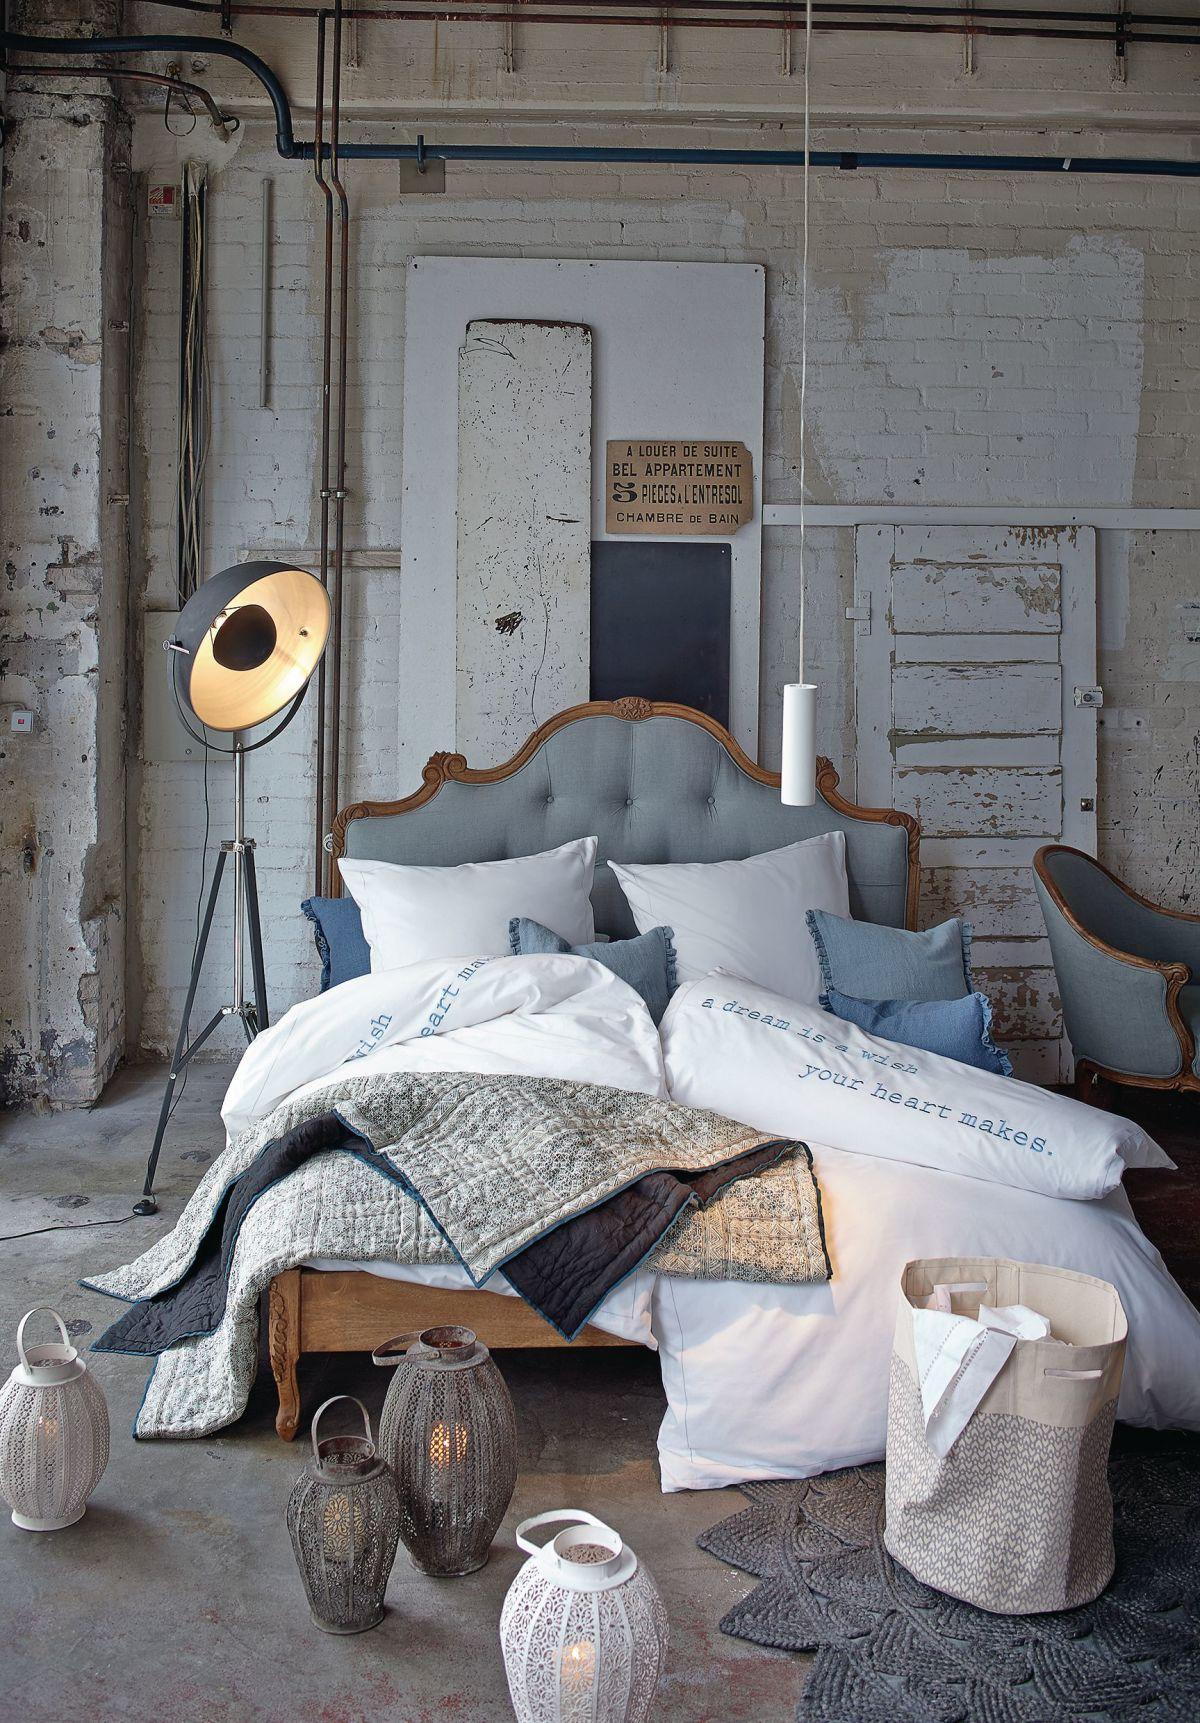 Entzückend Bett Romantisch Foto Von Bett, Knopfheftung, Romantik Look, Mango Massiv, Leinenbzug